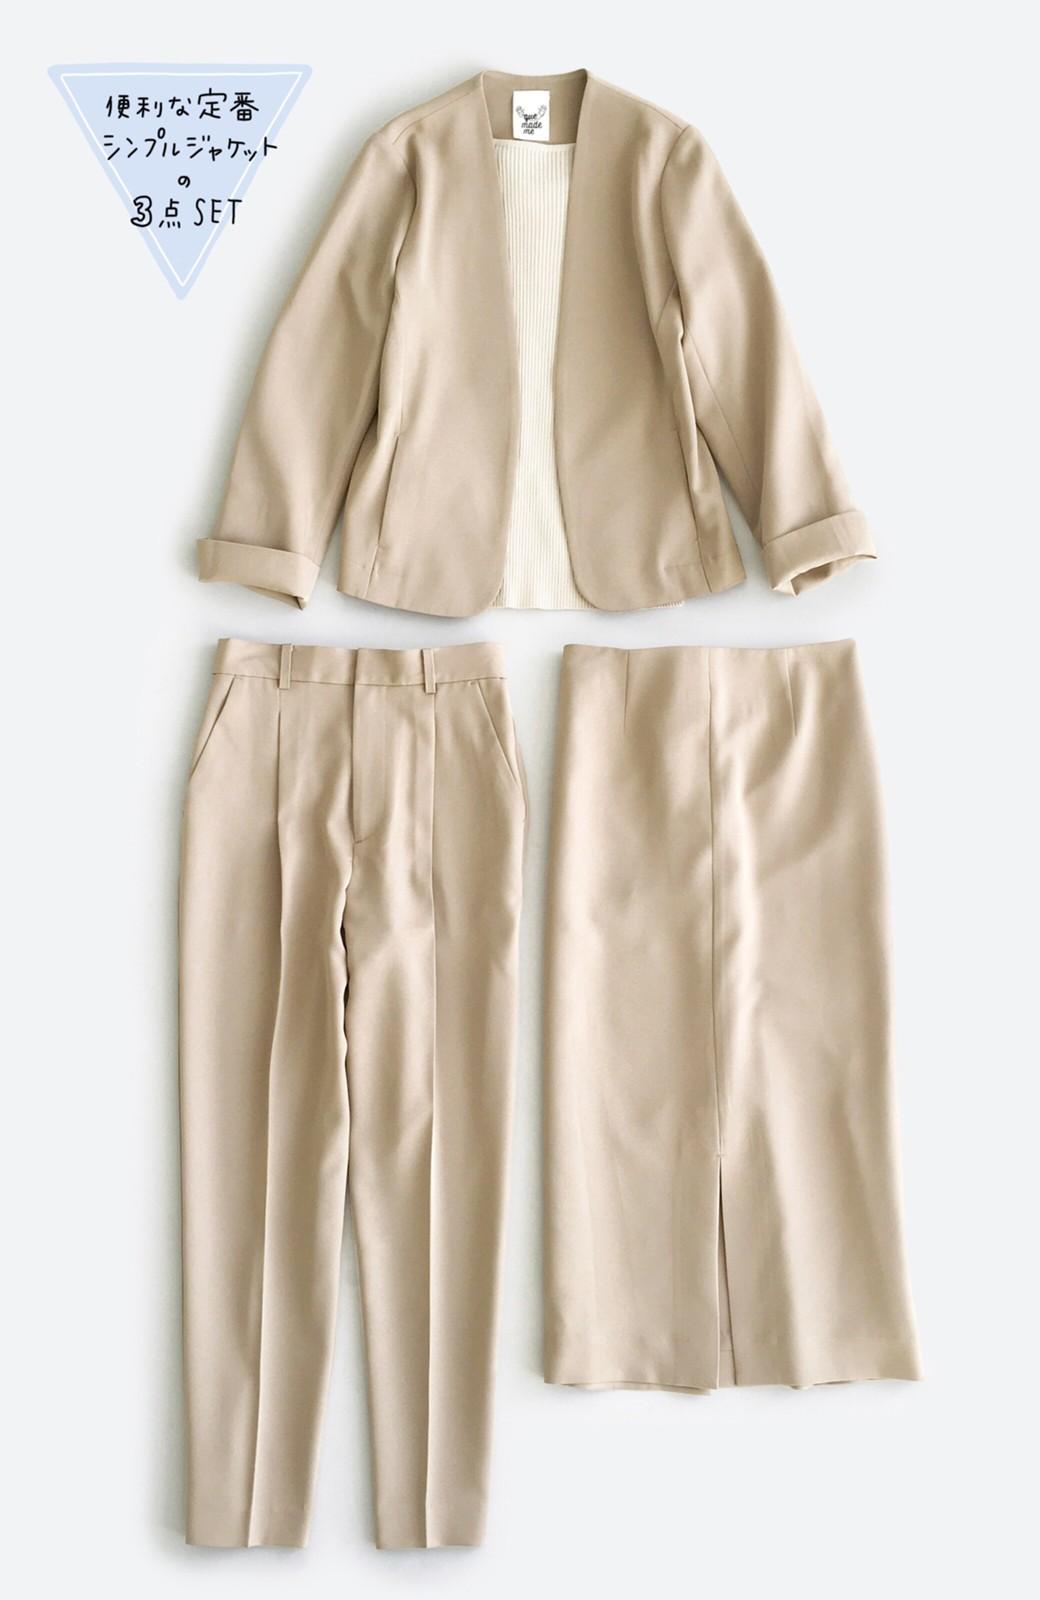 haco! 【シンプル】これさえあればきちんとシーンも怖くない!大人のシンプルジャケット・パンツ・スカート3点セット <ベージュ>の商品写真1